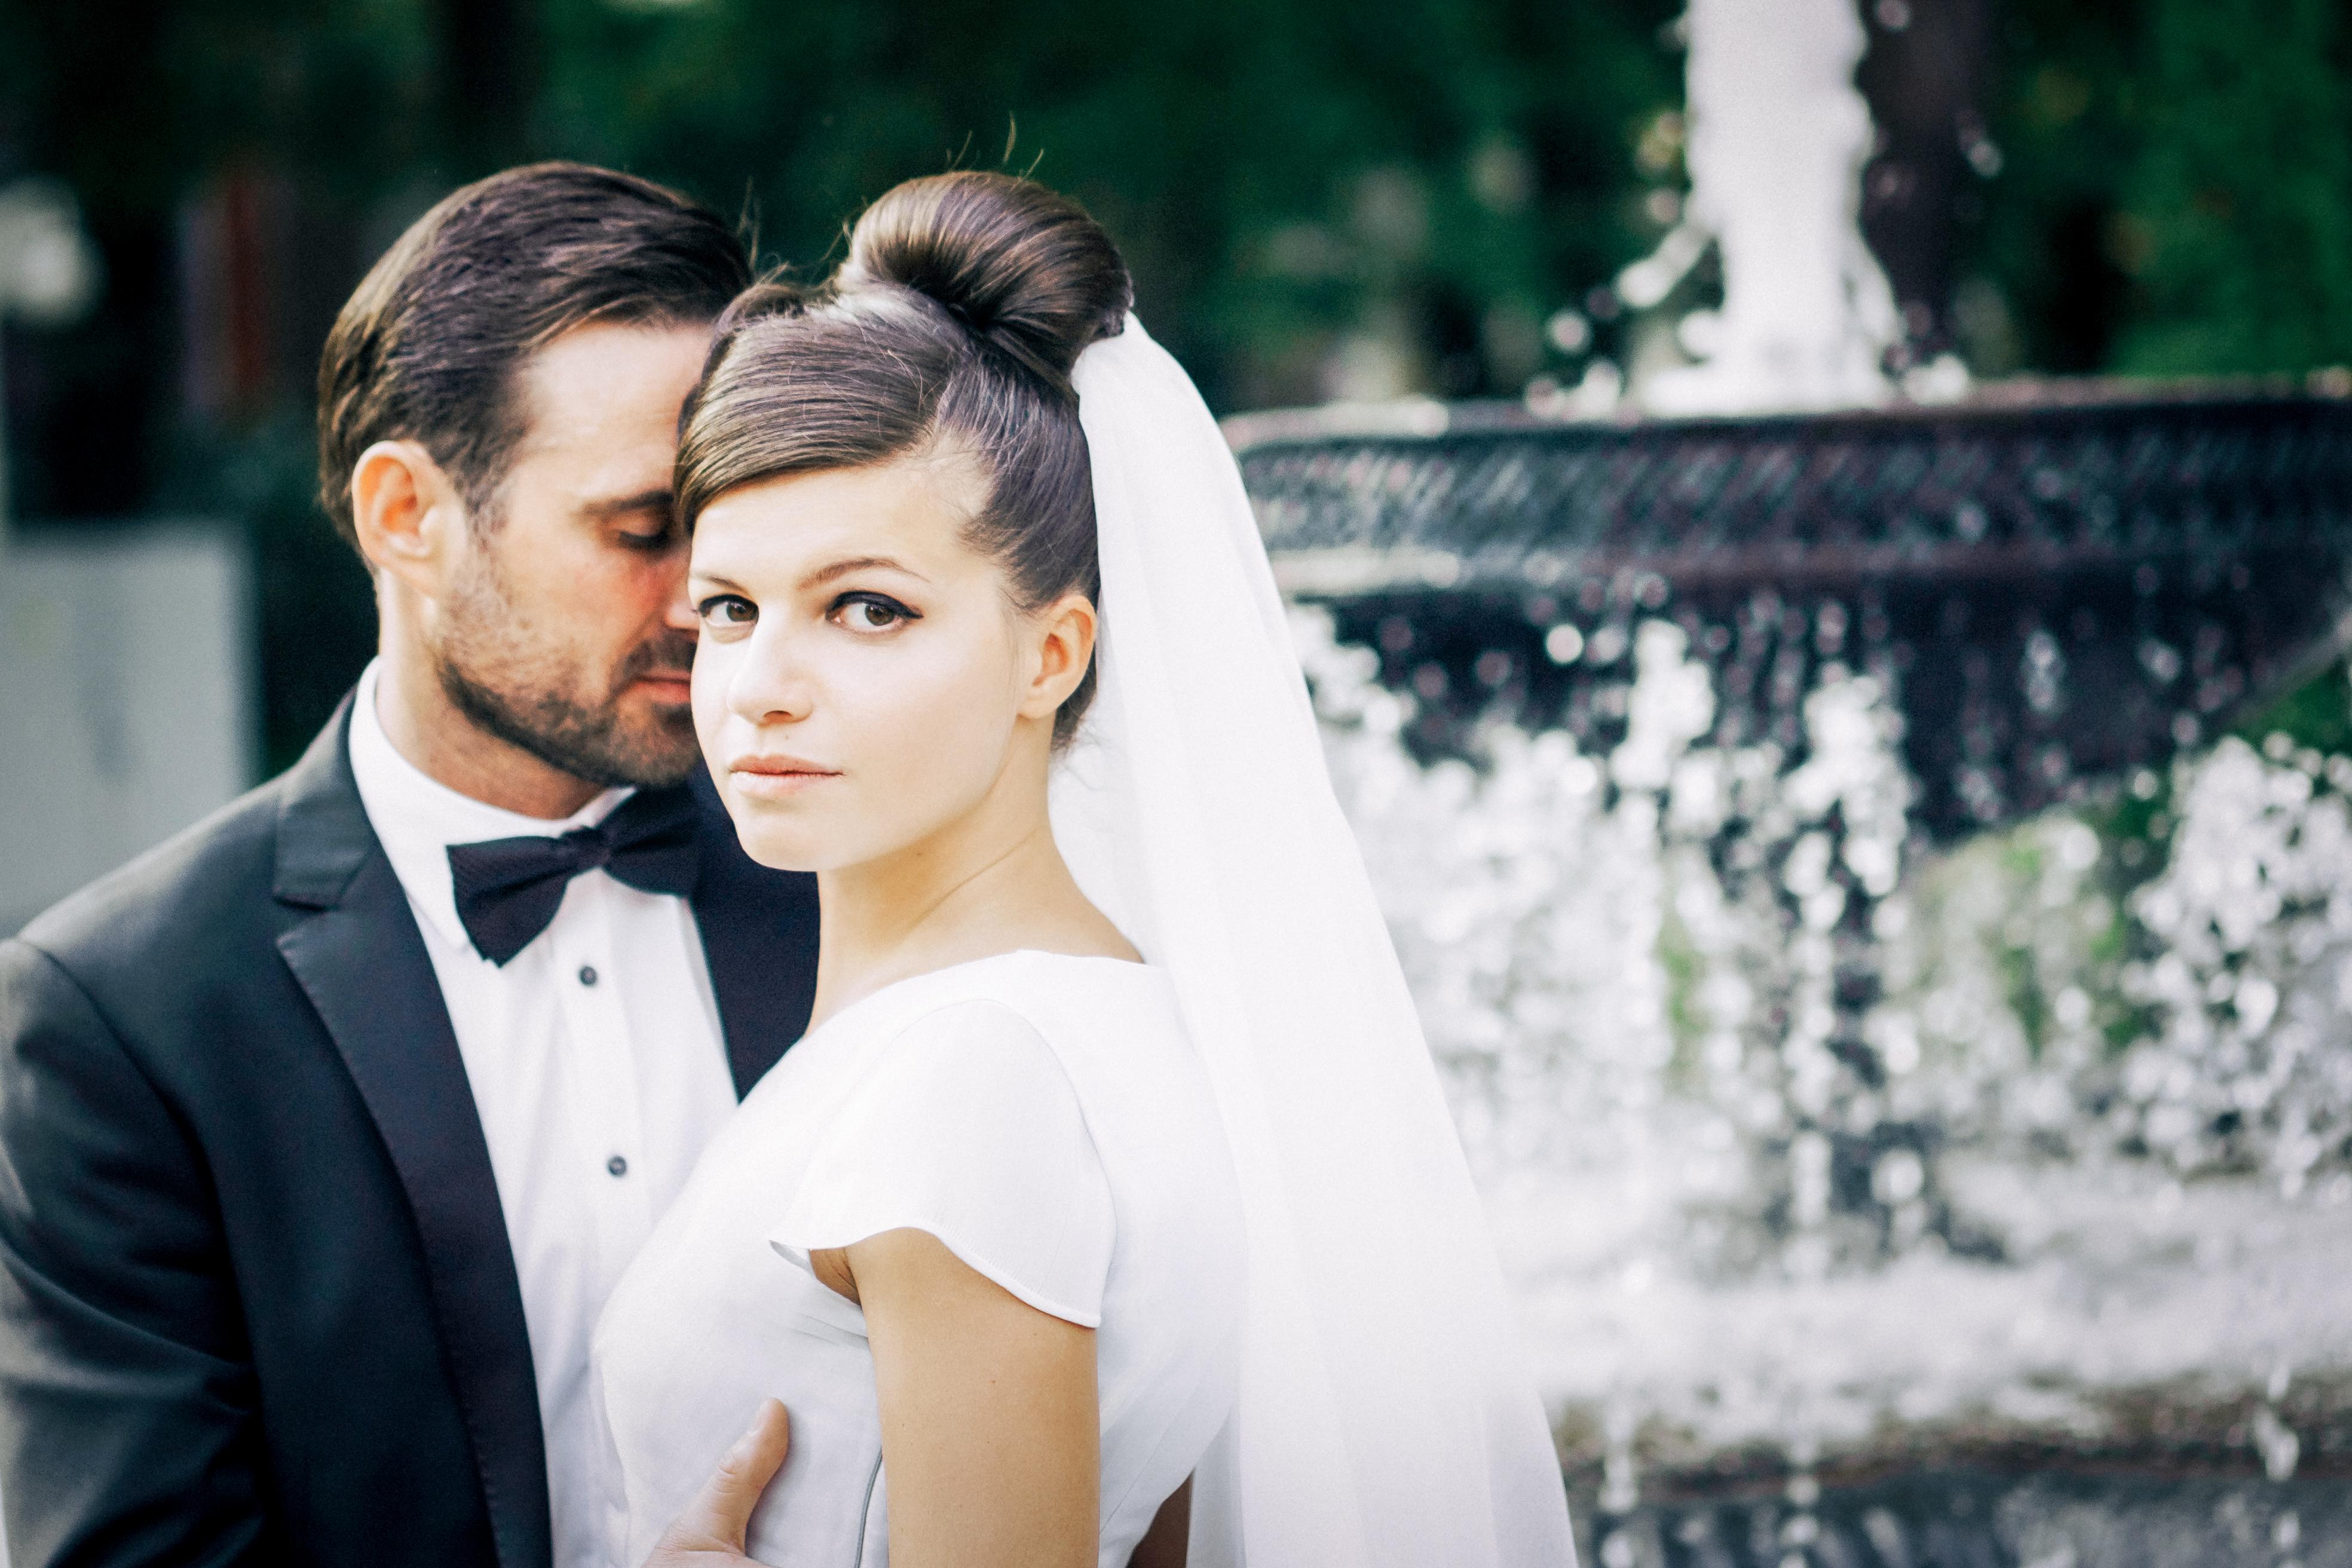 этом свадьба агнии кузнецовой фото зависит